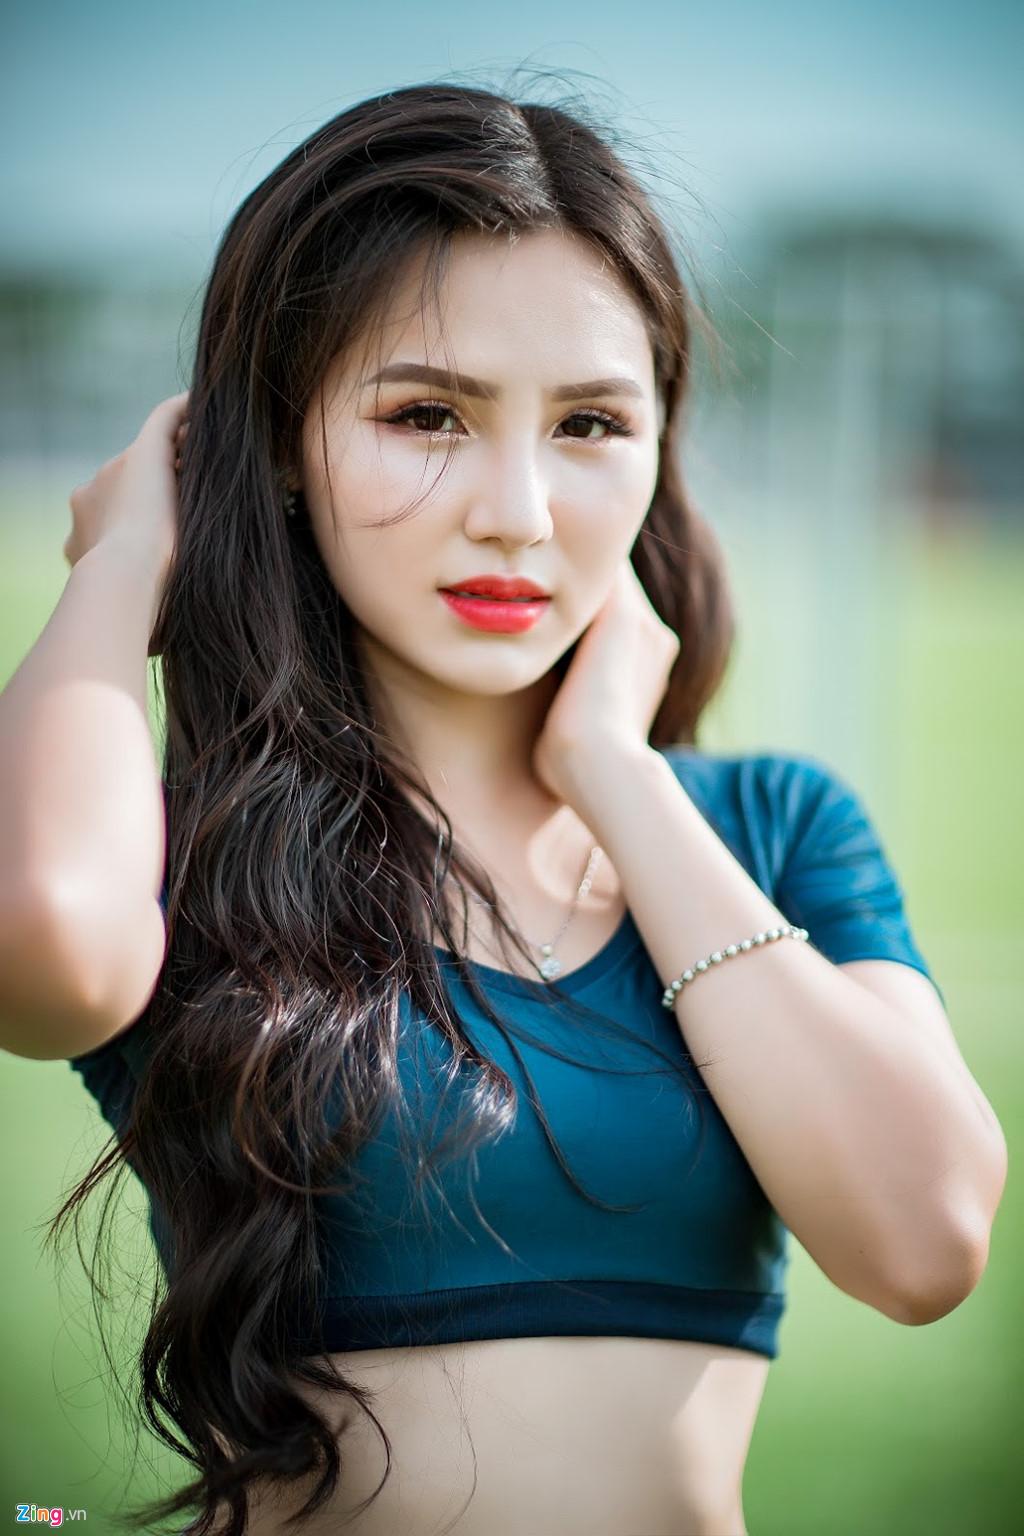 Hot girl xinh dep tren VTV co vu tuyen Phap, mo uoc lam phong vien anh hinh anh 6